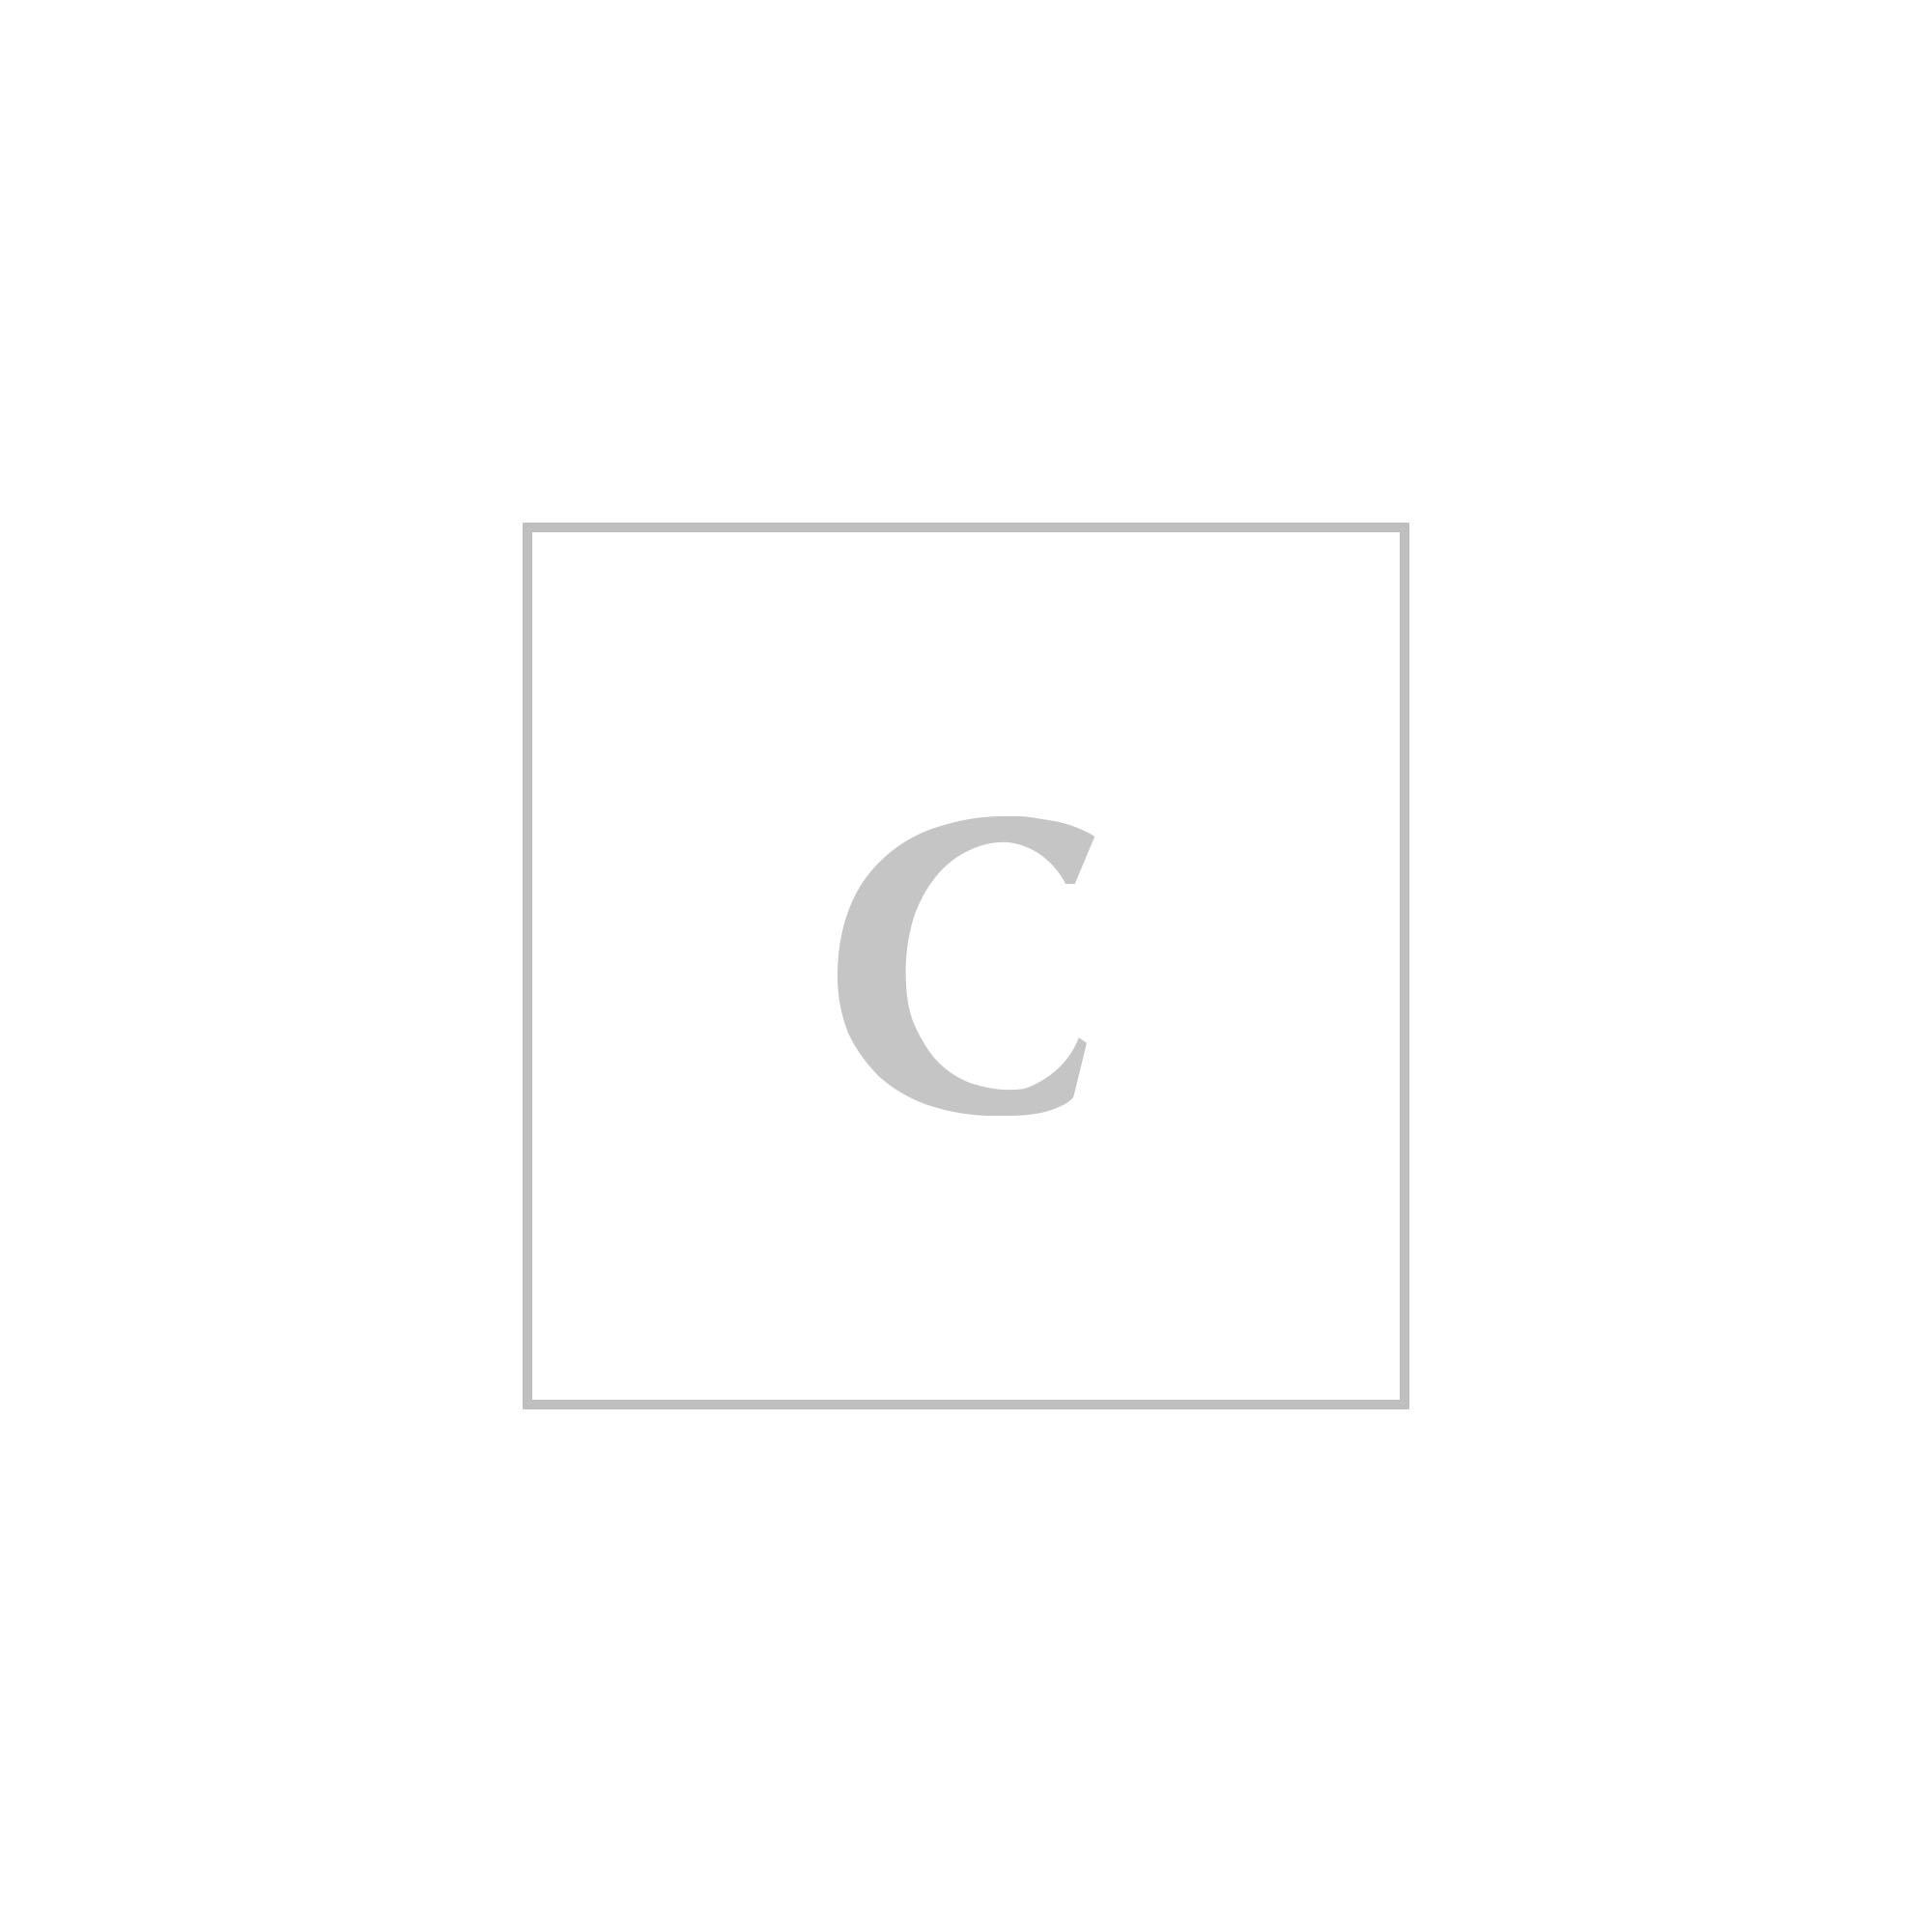 0c6ad5e5c0b728 Women Prada Clutch Red | Coltorti Boutique